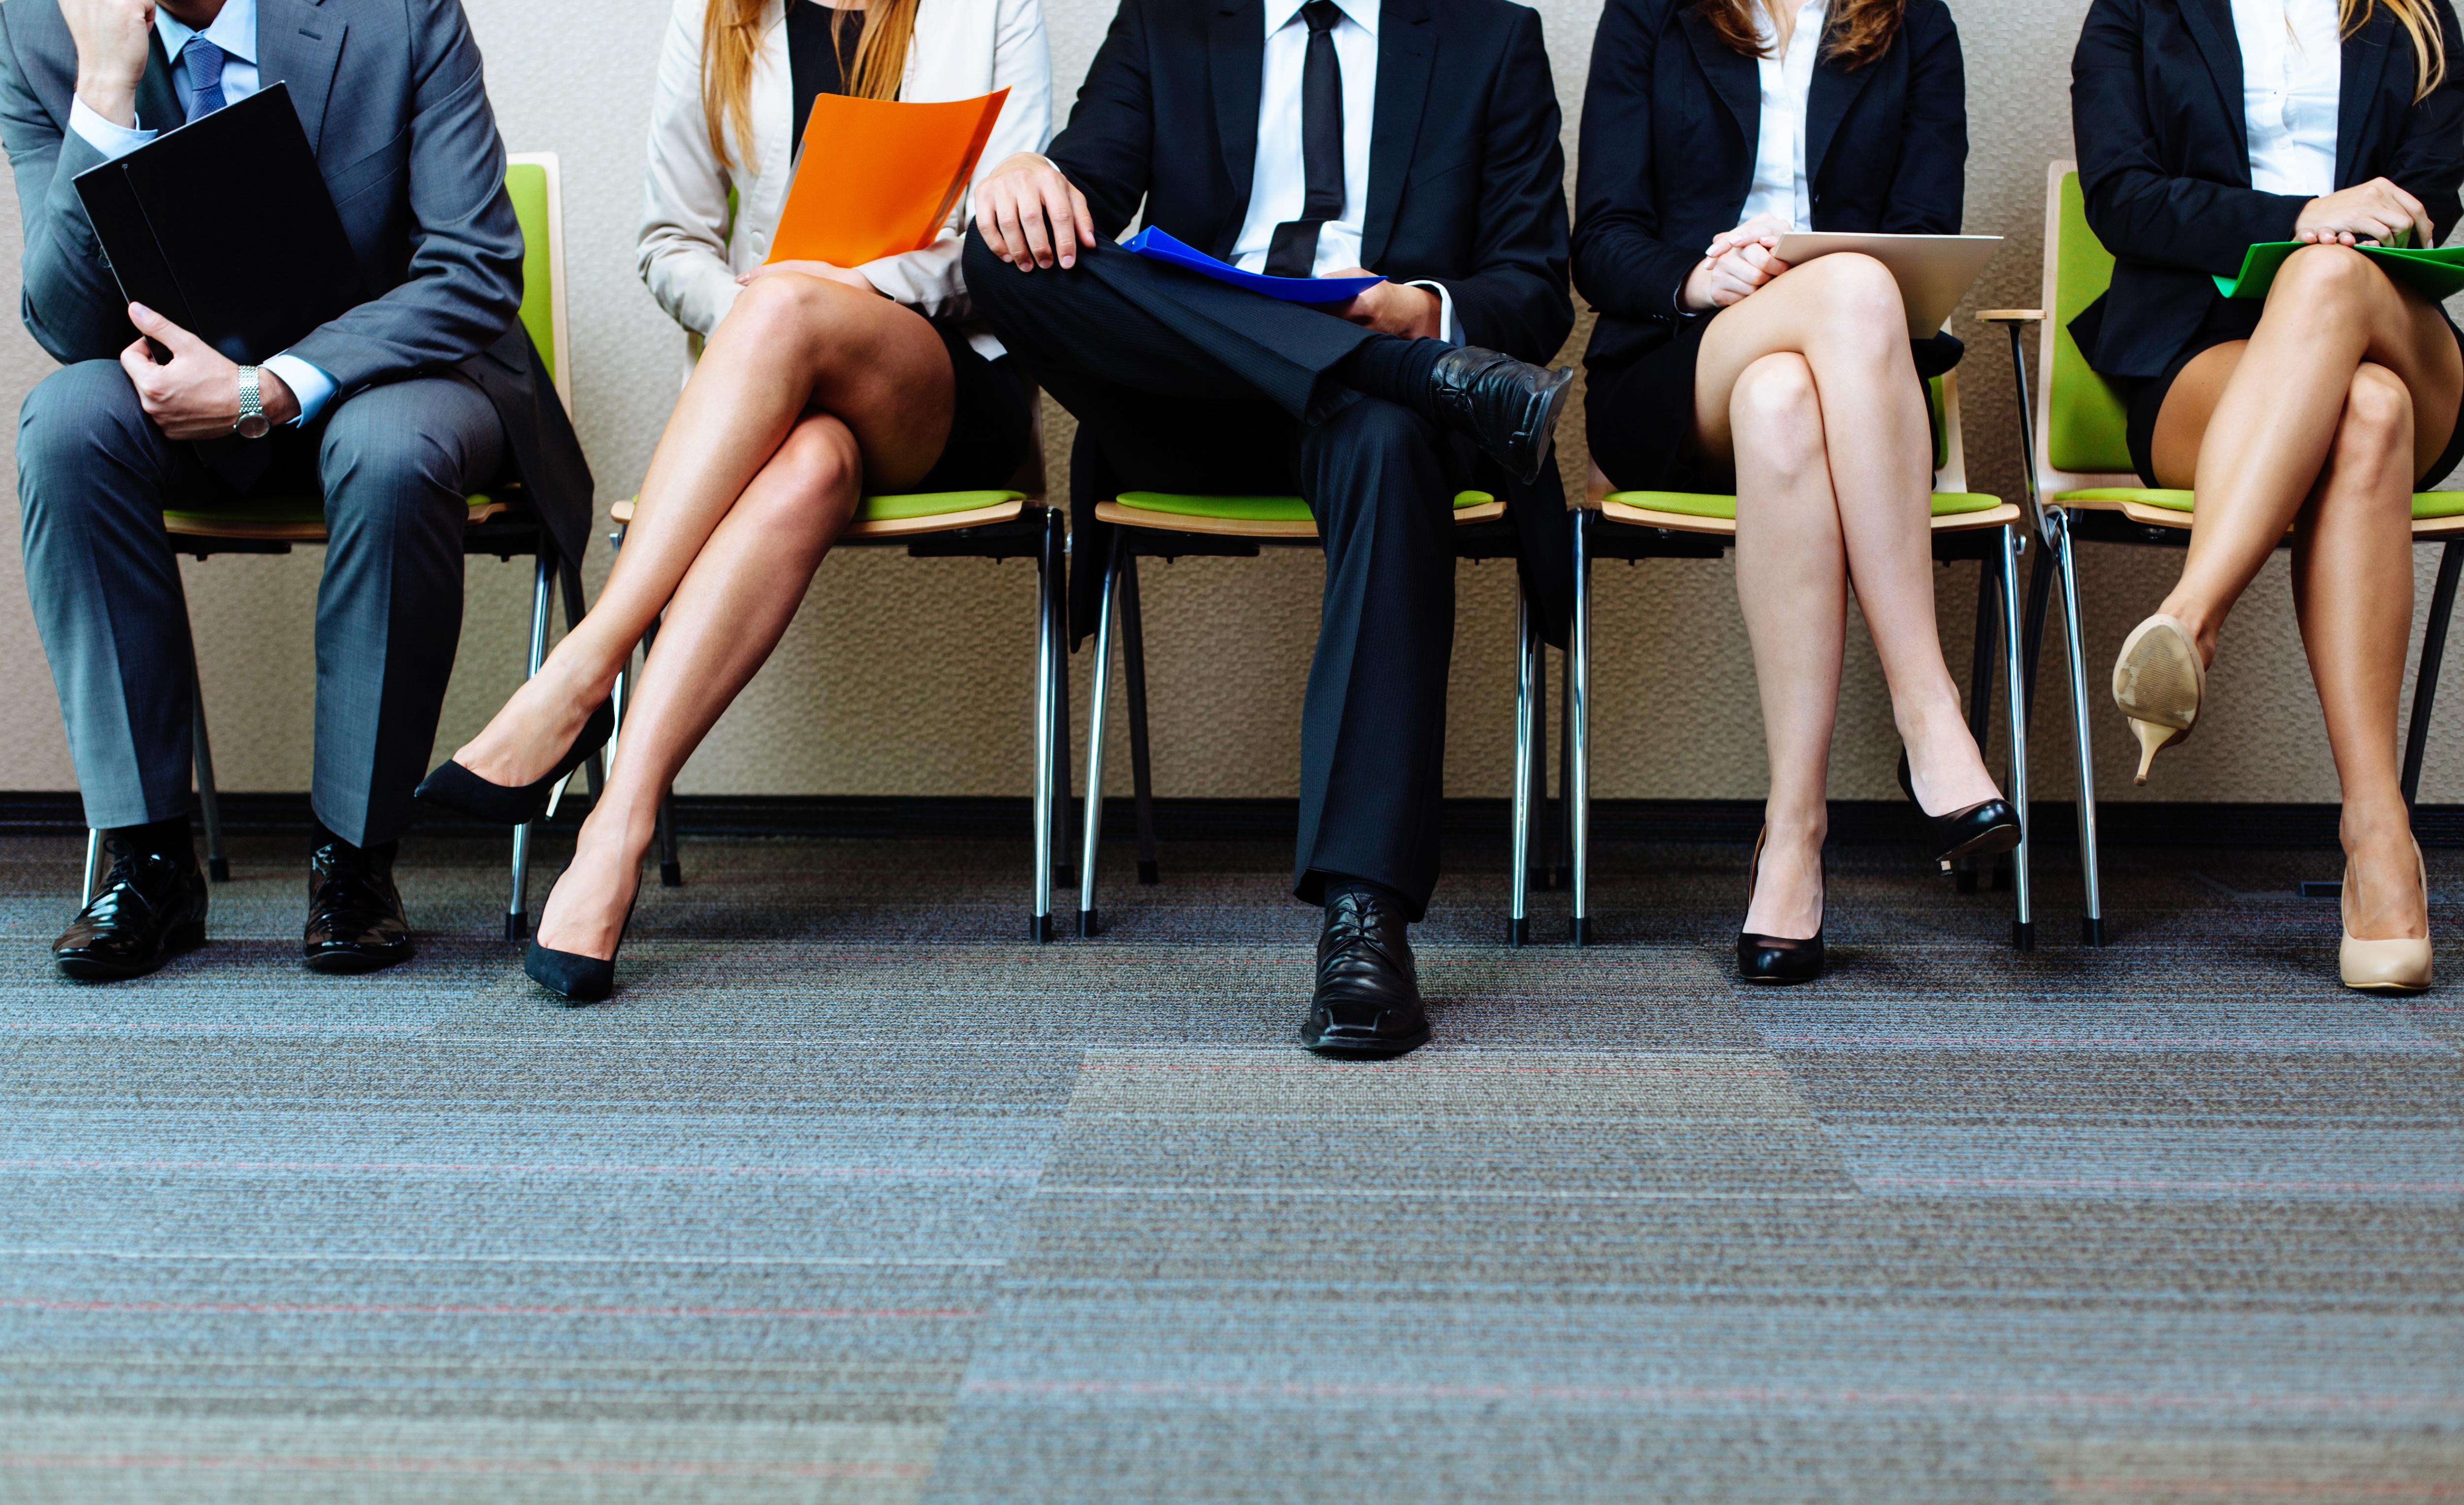 Seu novo emprego pode vir ainda em 2018! Confira as vagas que algumas das empresas mais renomadas no mercado estão oferecendo